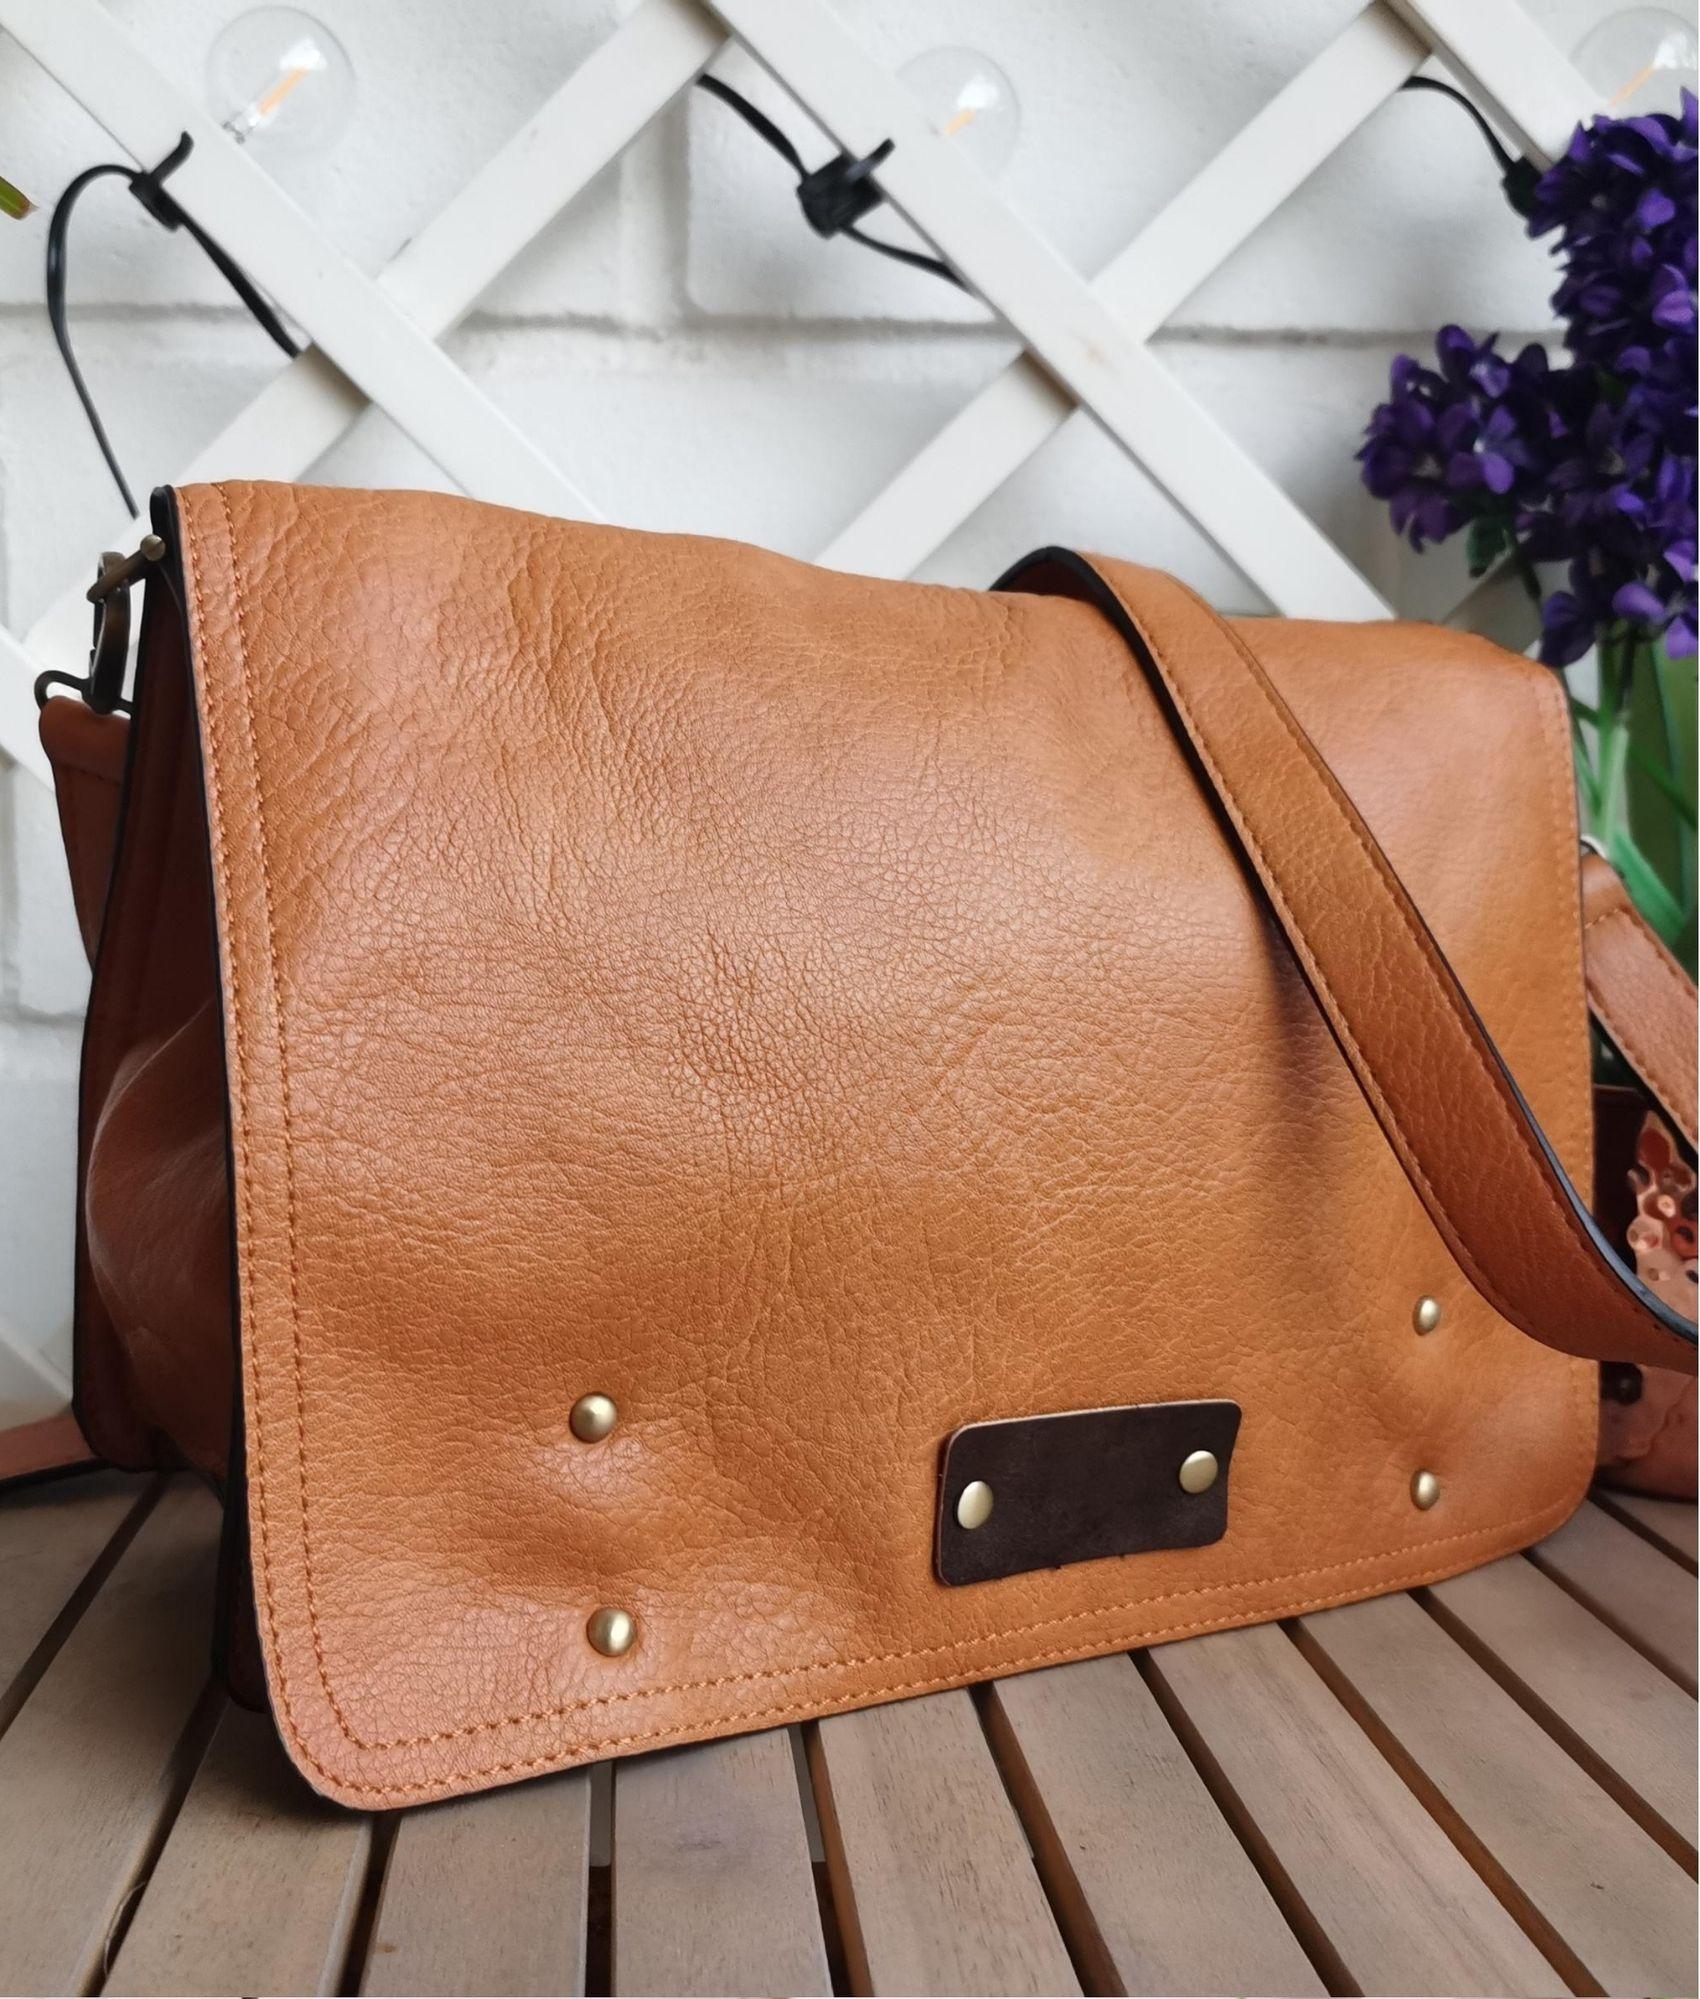 Mónica bag - leather